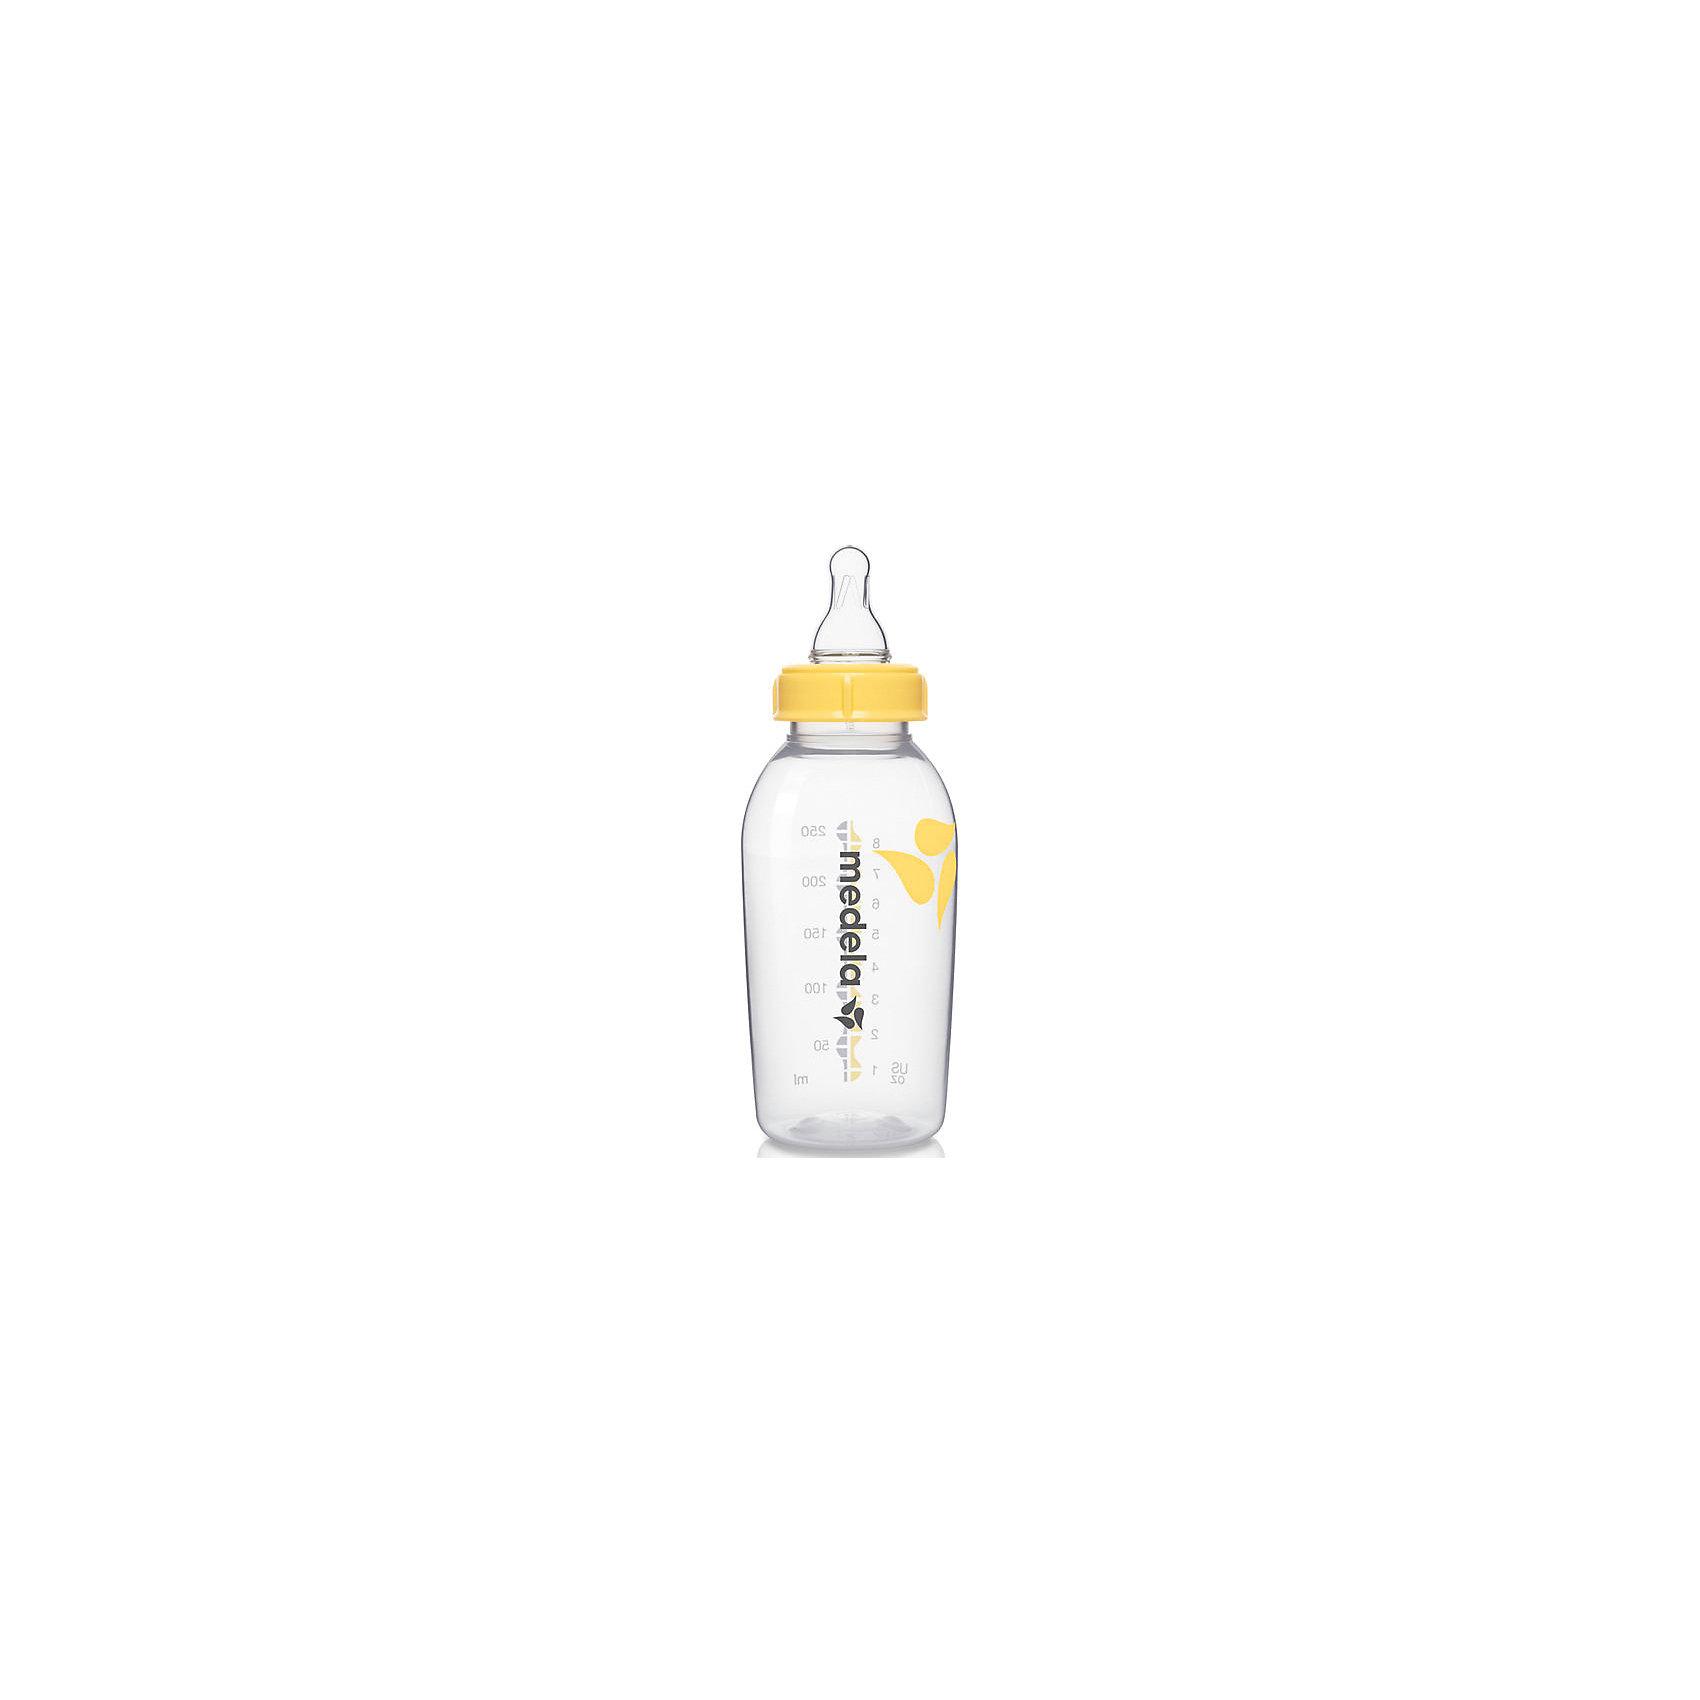 Бутылочка для сбора грудного молока с соской, 250 мл, Medela